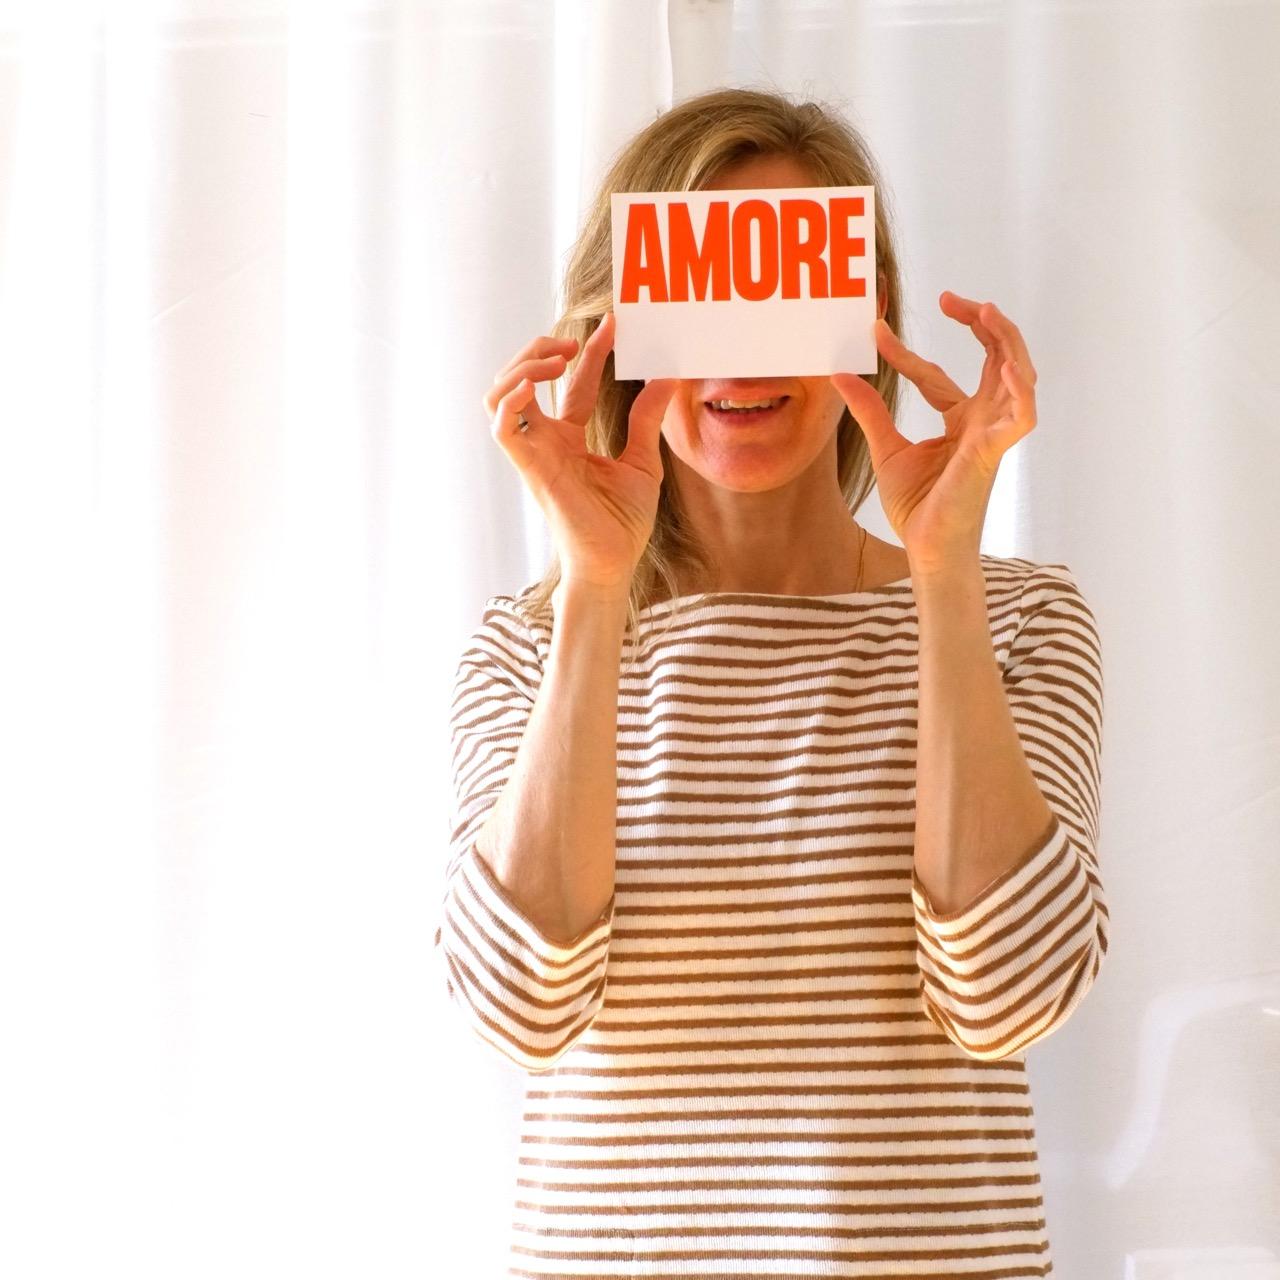 amore-navucko-postkarte-herrundfraukrauss-onlineshop-blog